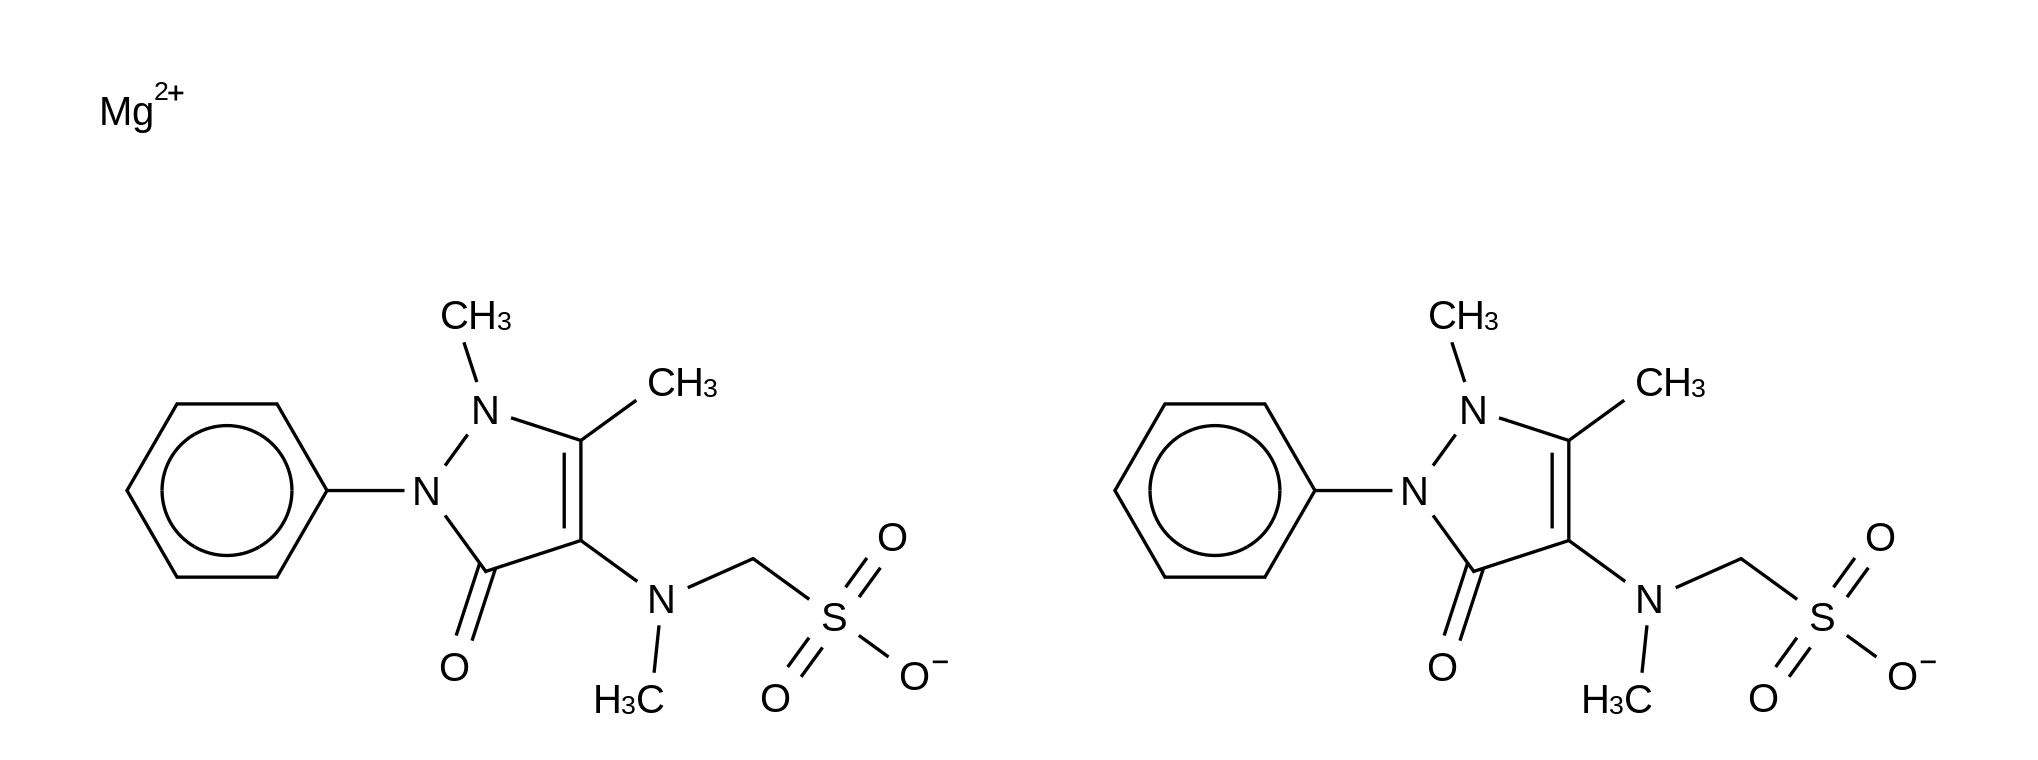 Metamizole Magnesium Salt